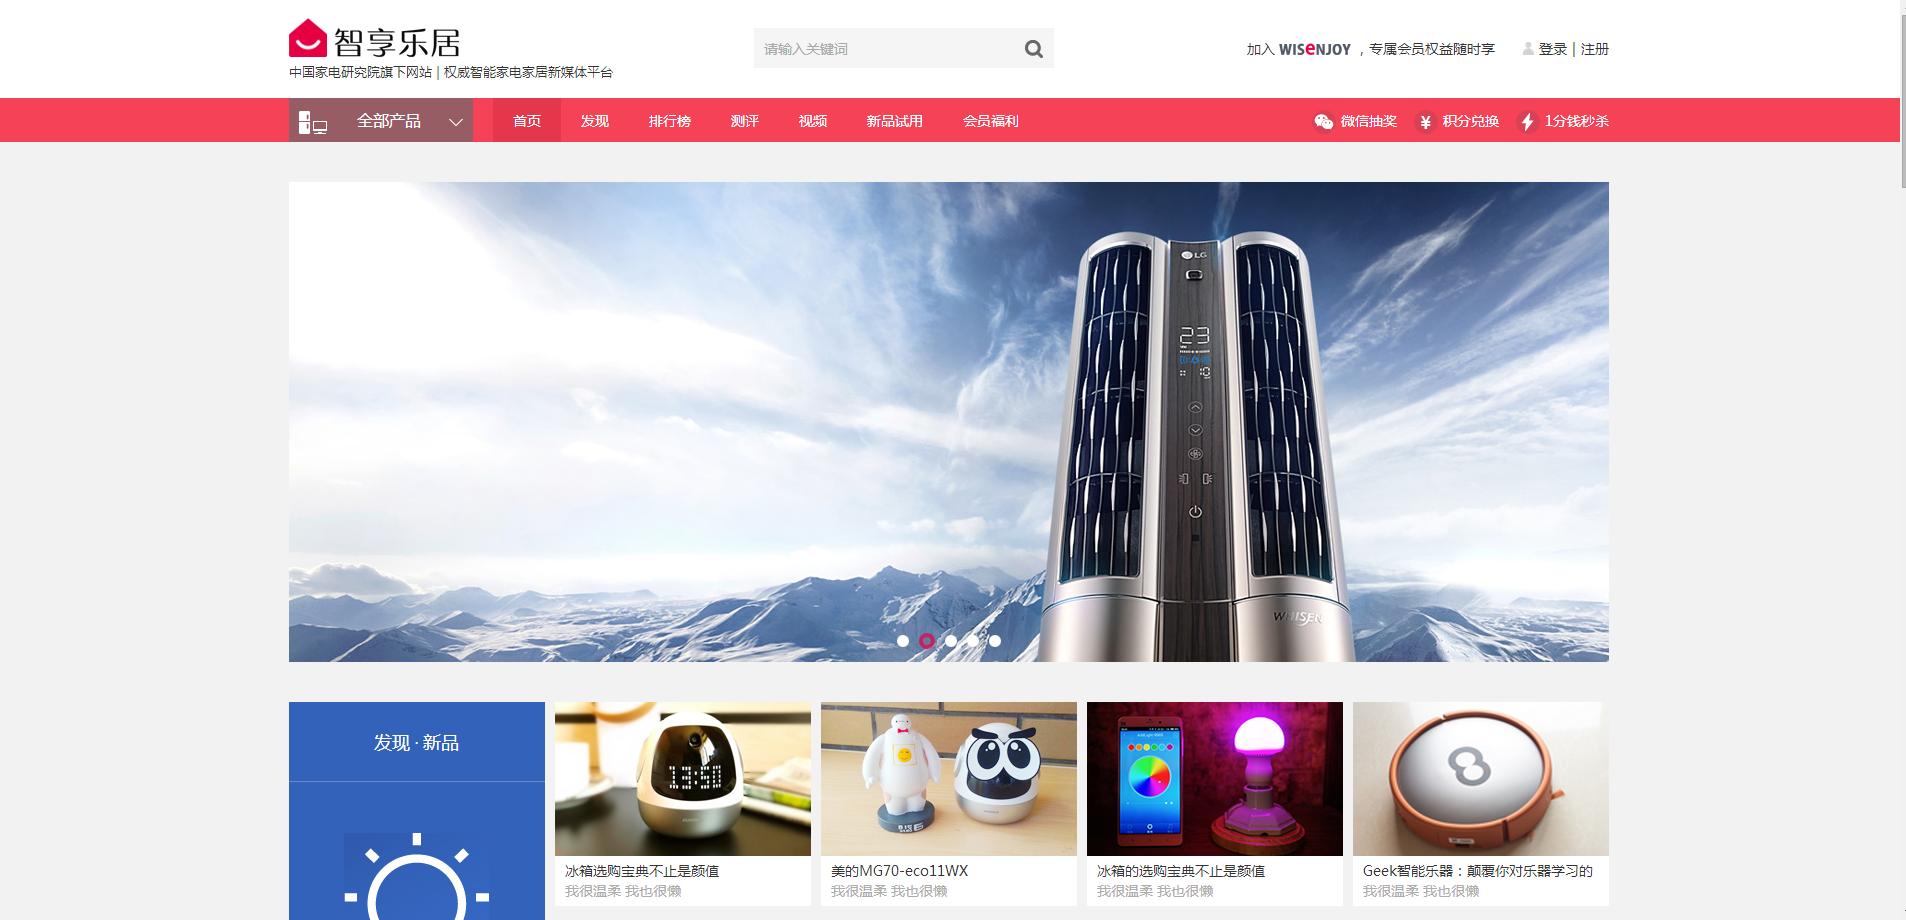 智能家居家用电器商城首页网页模板